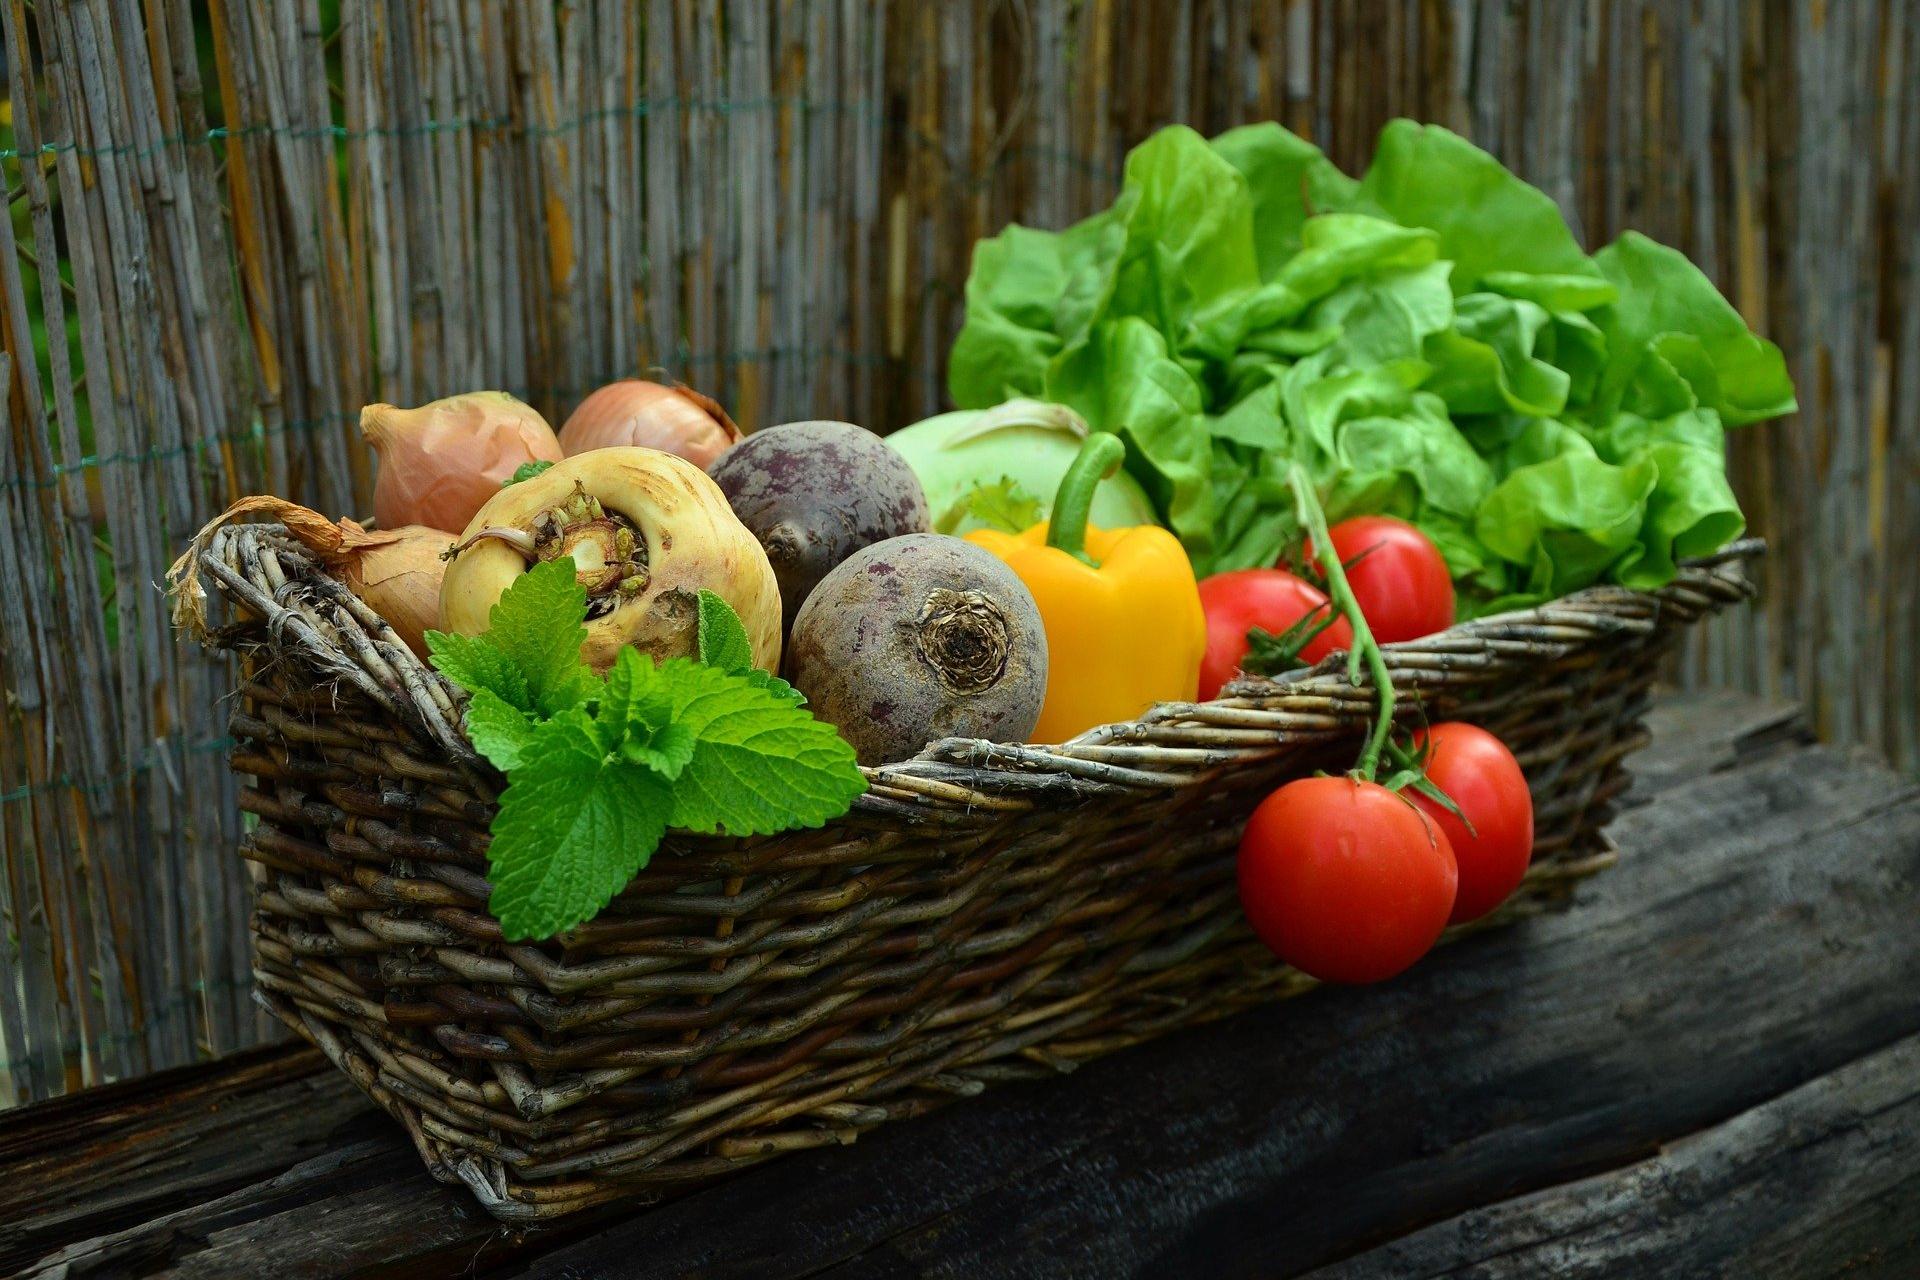 Bei jedem zweiten Deutschen fehlt es an genügend Kenntnissen über eine gesunde, ausgewogene Ernährung.